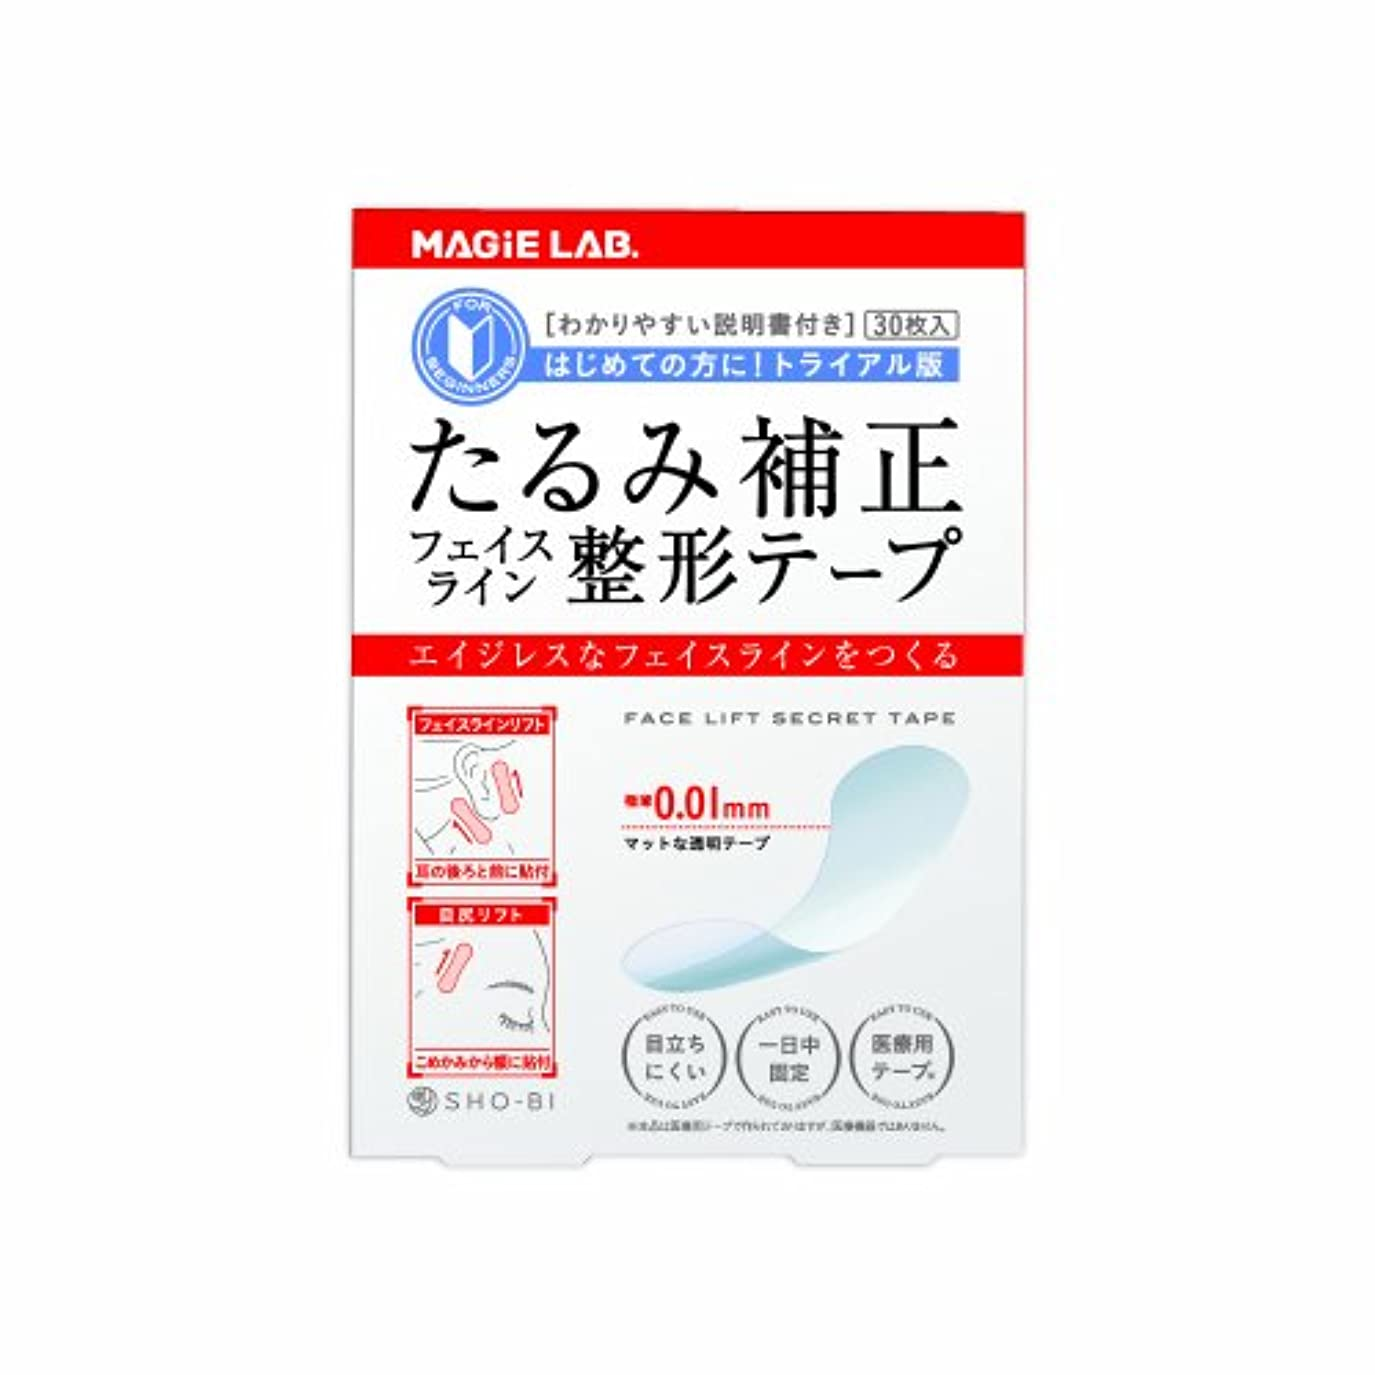 ポーン断言する落胆するMG22106 フェイスライン 整形テープ トライアル版 30枚入 マジラボ MAGiE LAB.